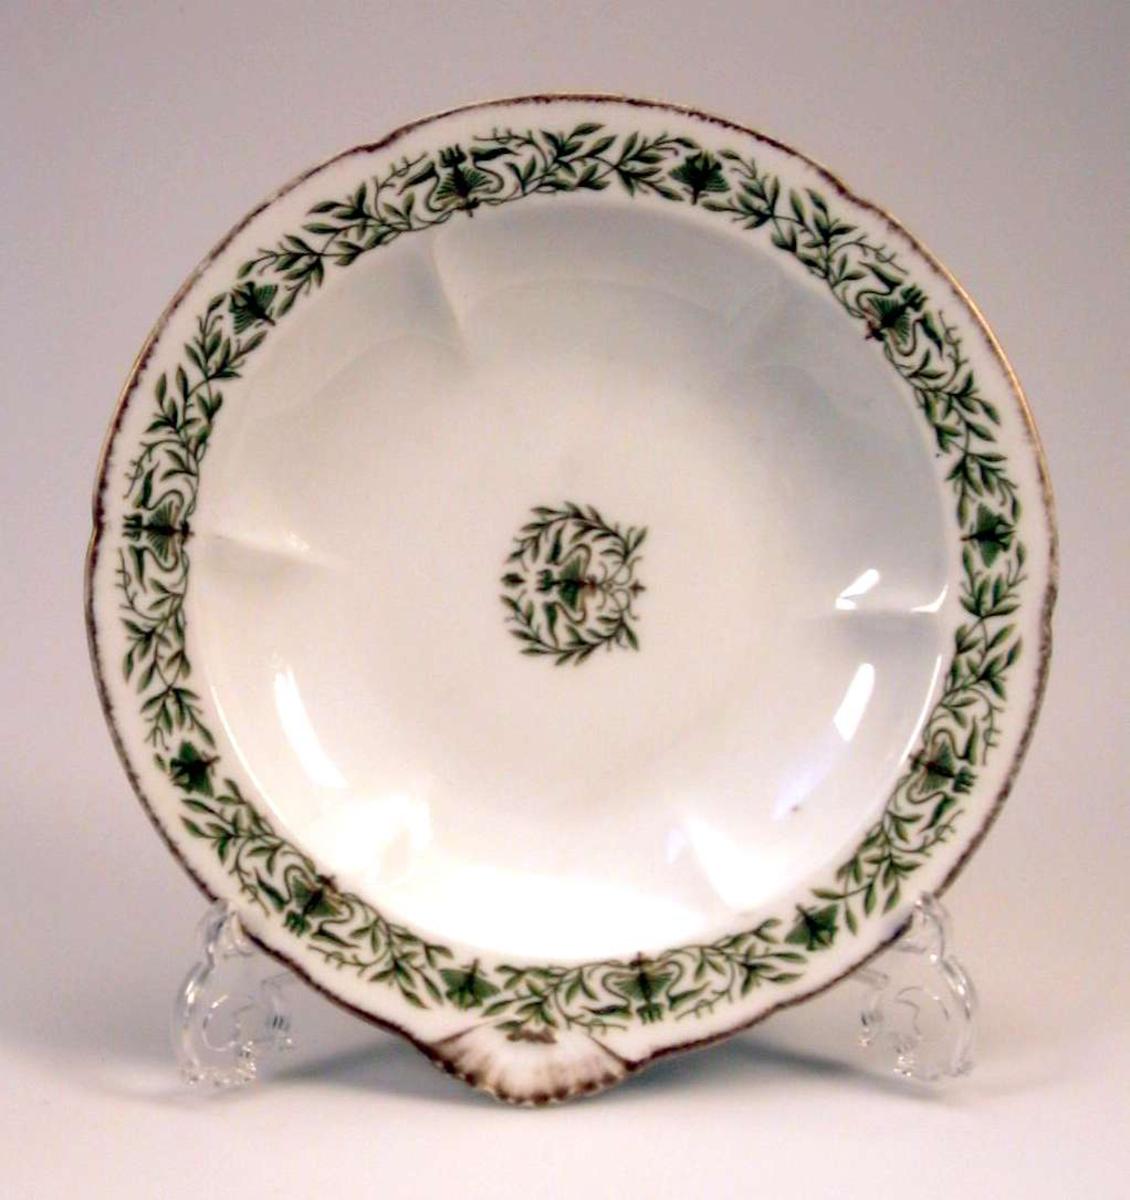 Fat i keramikk med hvit glasur og med dekor i  grønt. Kanten er forgyllet.